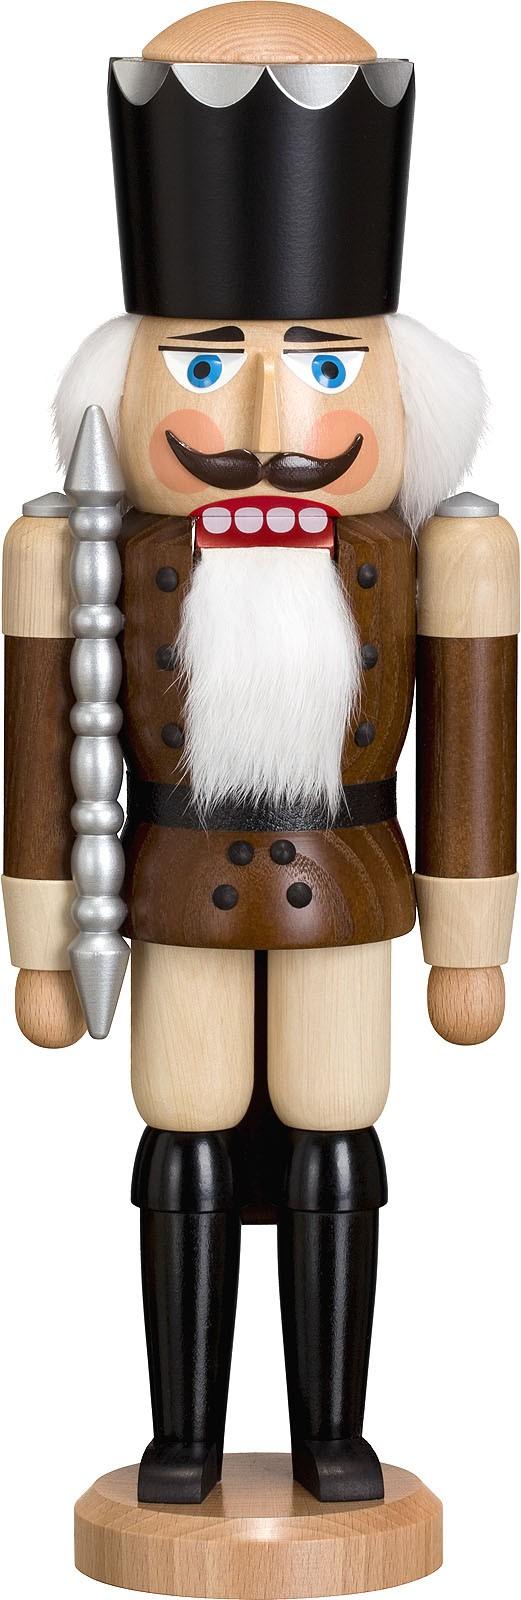 Nussknacker König, Esche lasiert, braun, 38 cm